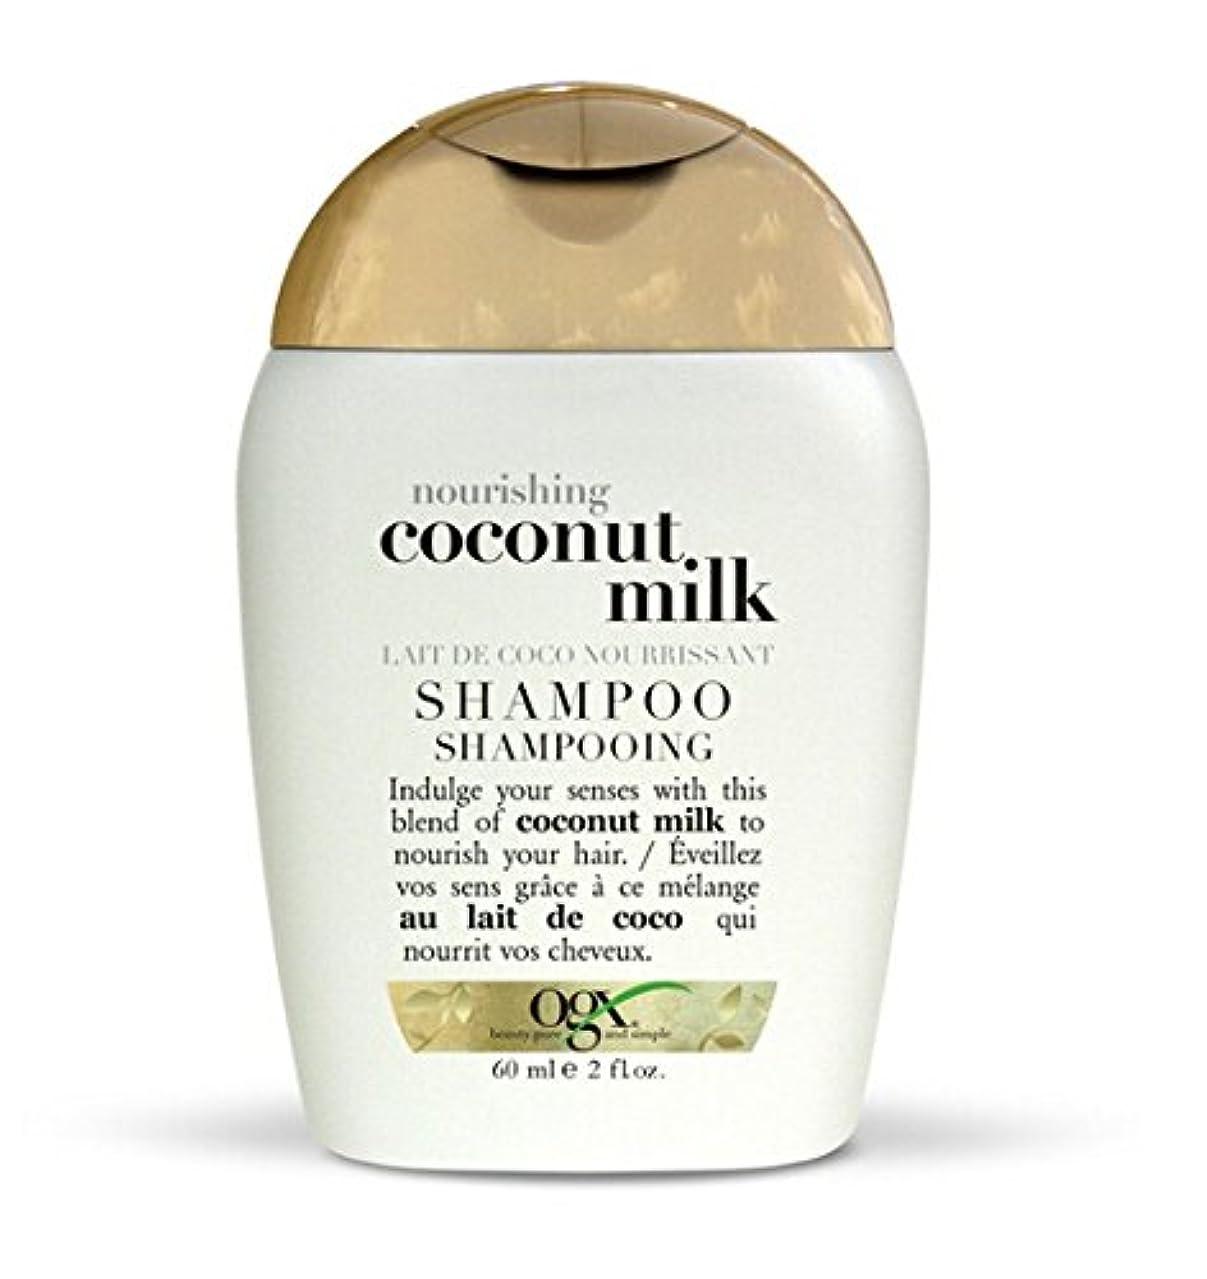 省写真を描く単語Vogue ヴォーグ オーガニクス 髪いきいきココナッツミルク 自然派ヘアケア シャンプー 60ml coconut milk shampoo [並行輸入品]